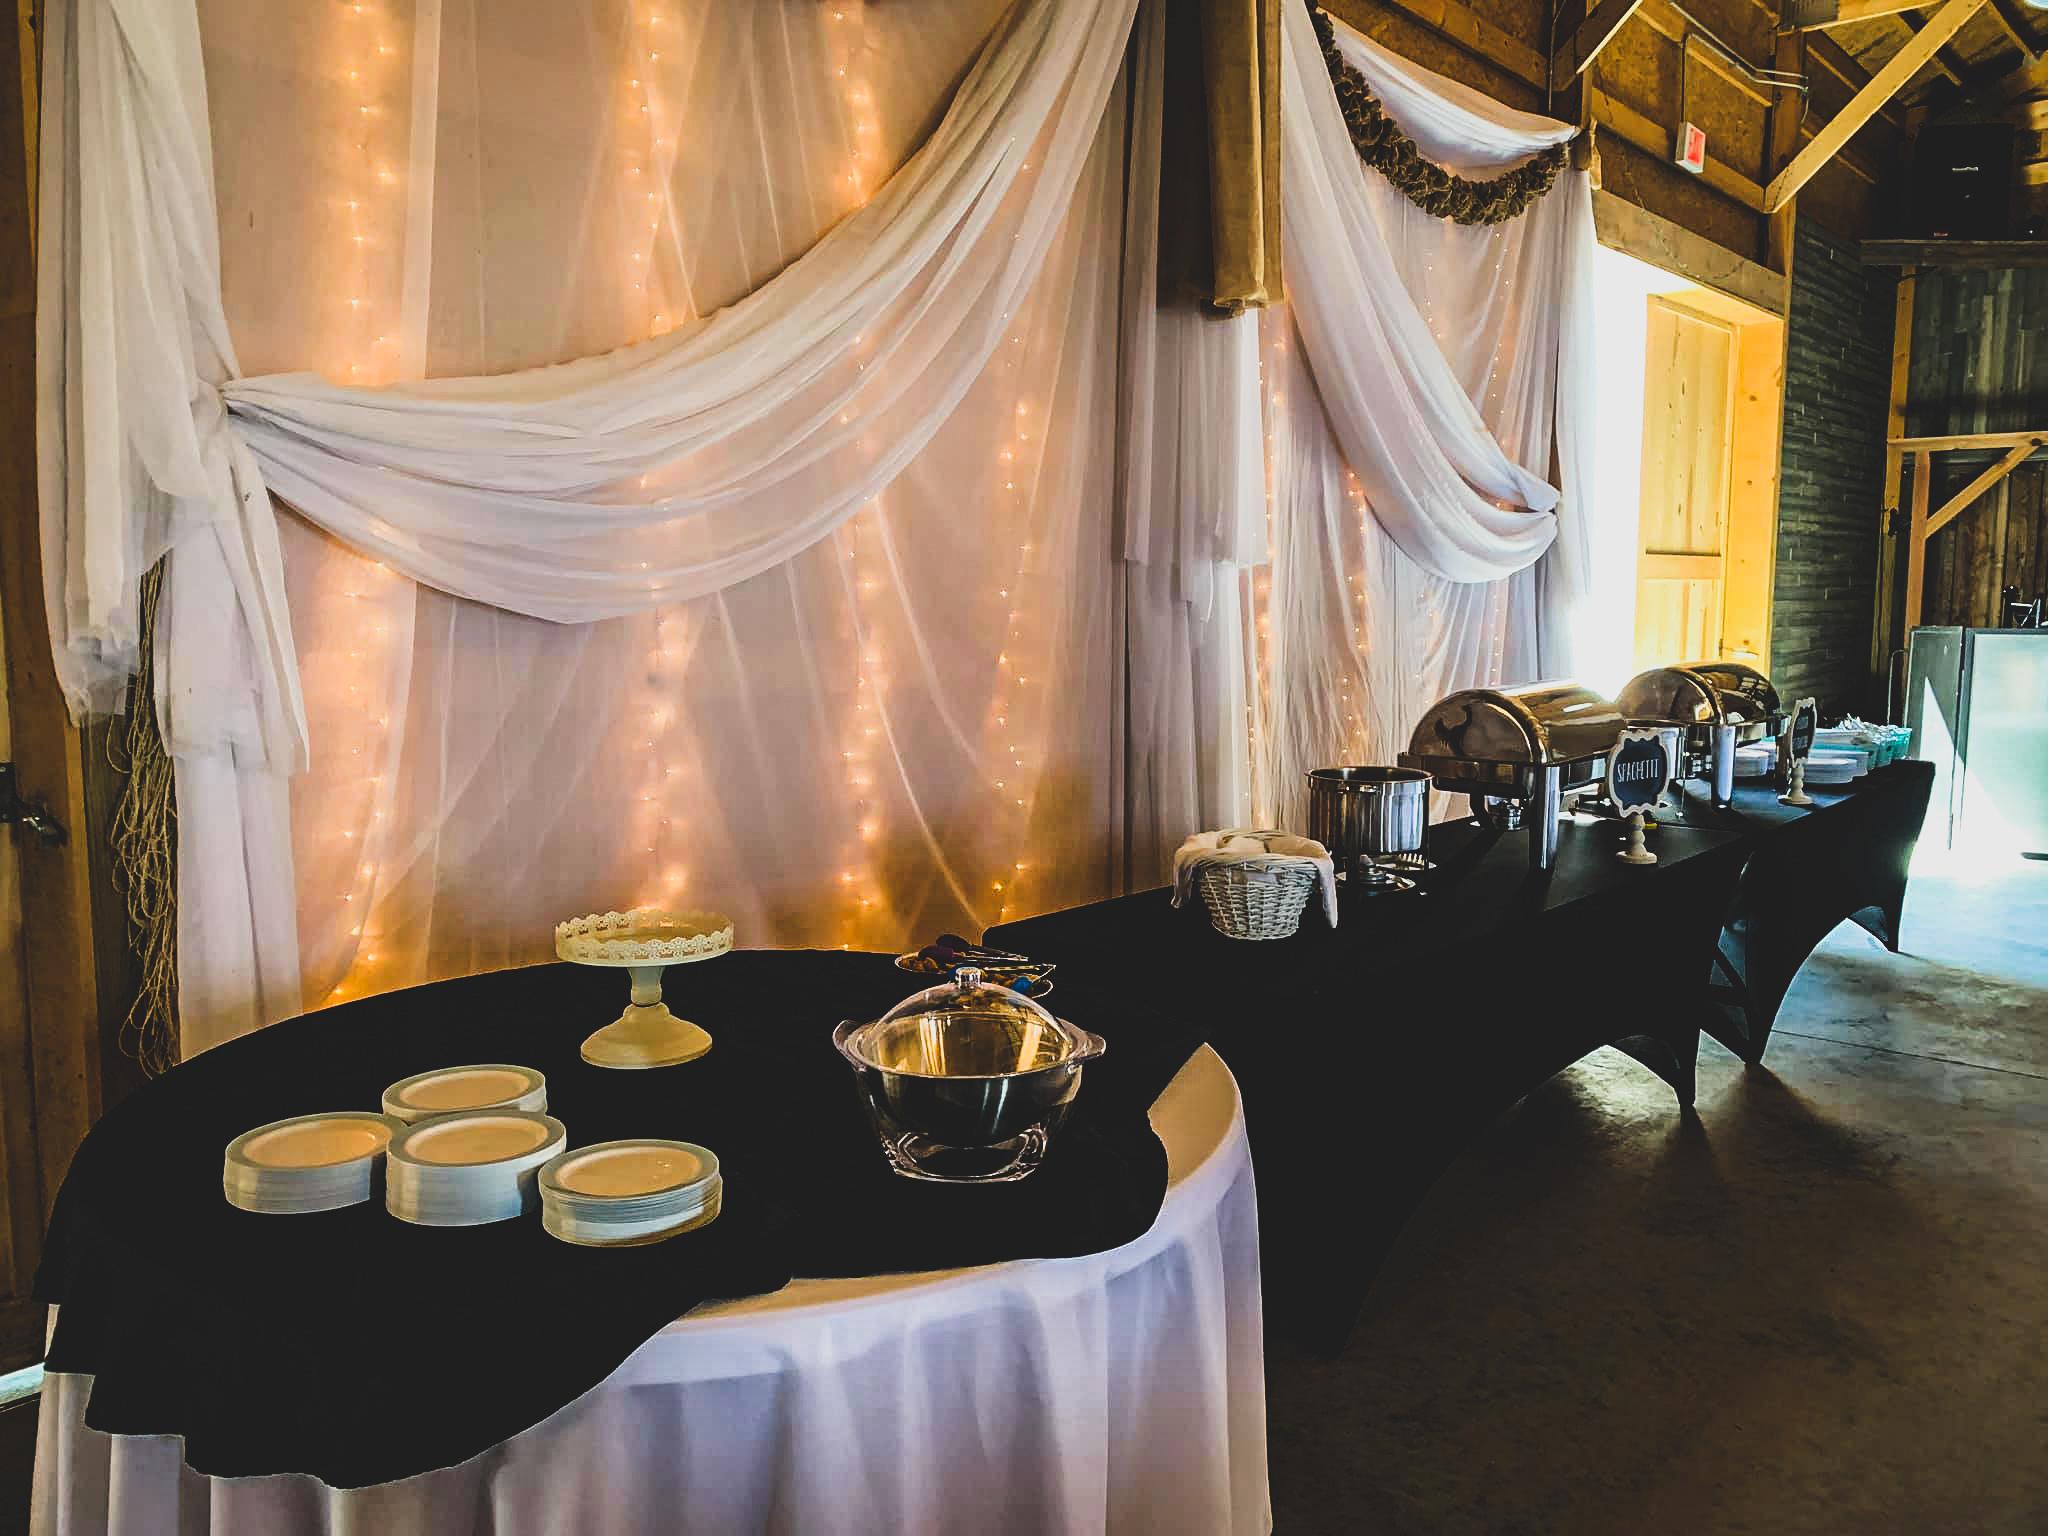 Caterer Set Up